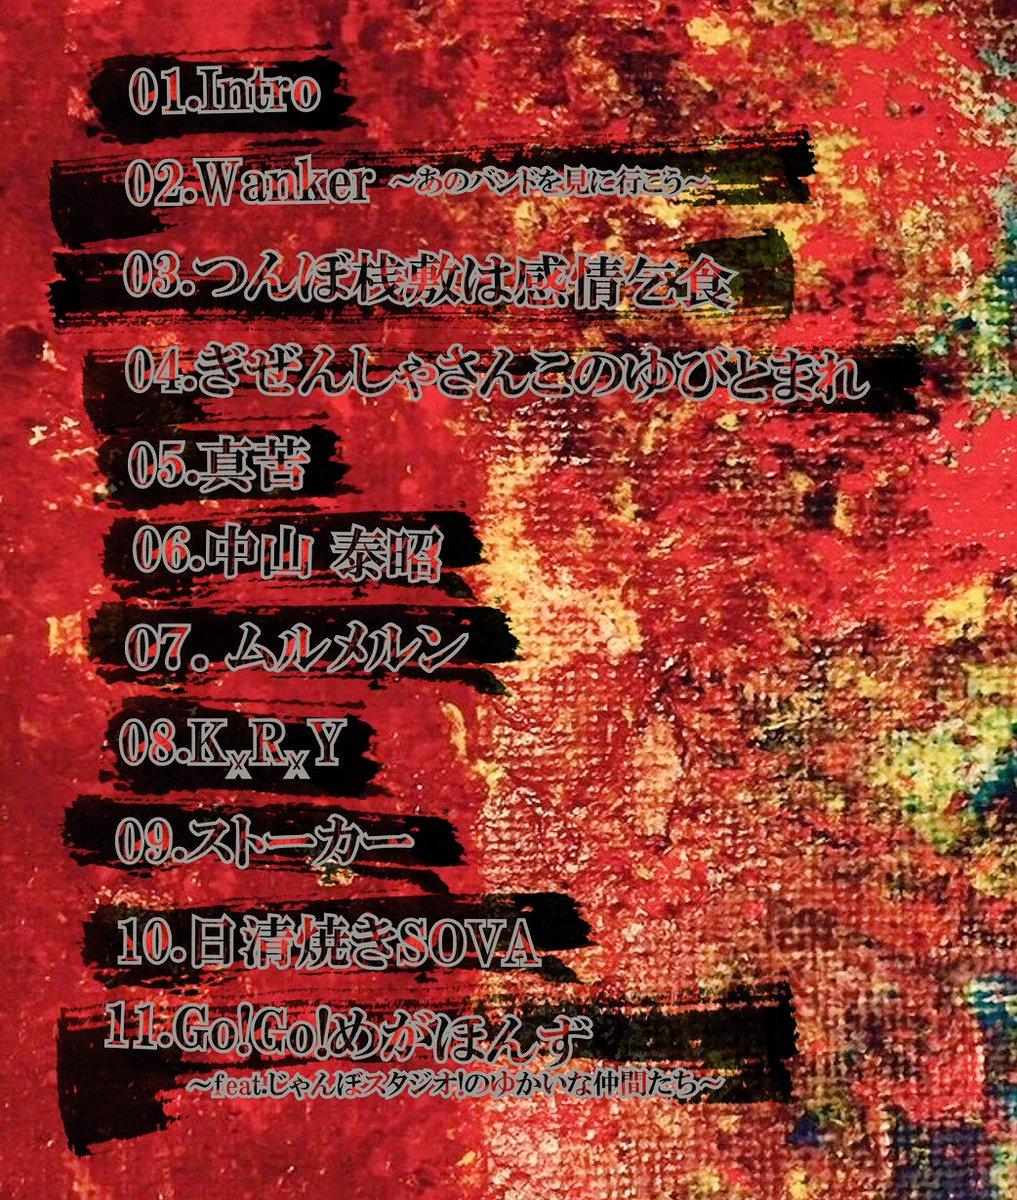 【新譜情報】めがほんず「畢竟無」価格 ¥2,000(Tax Free)MGHZ-0001発売元:9x1x8MGHZ Re